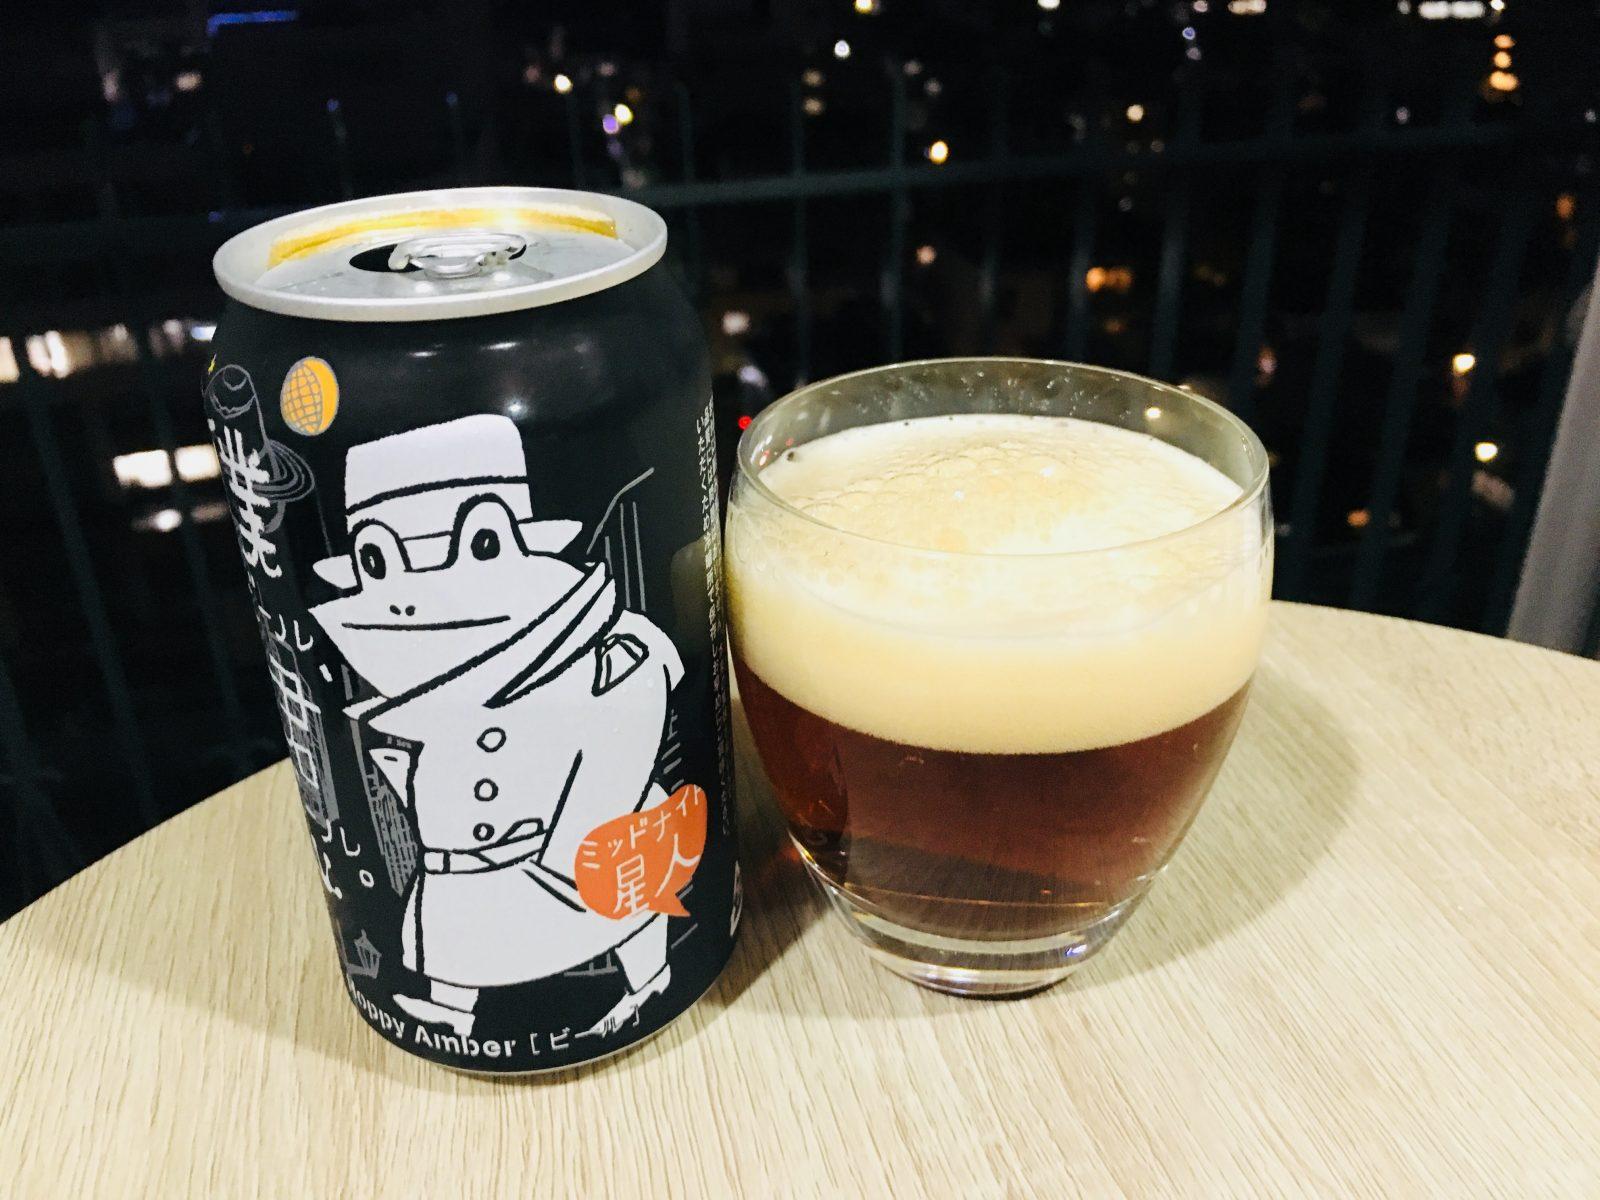 ローソンで見つけたら即買い!かえるがカワイイ限定濃厚ビール